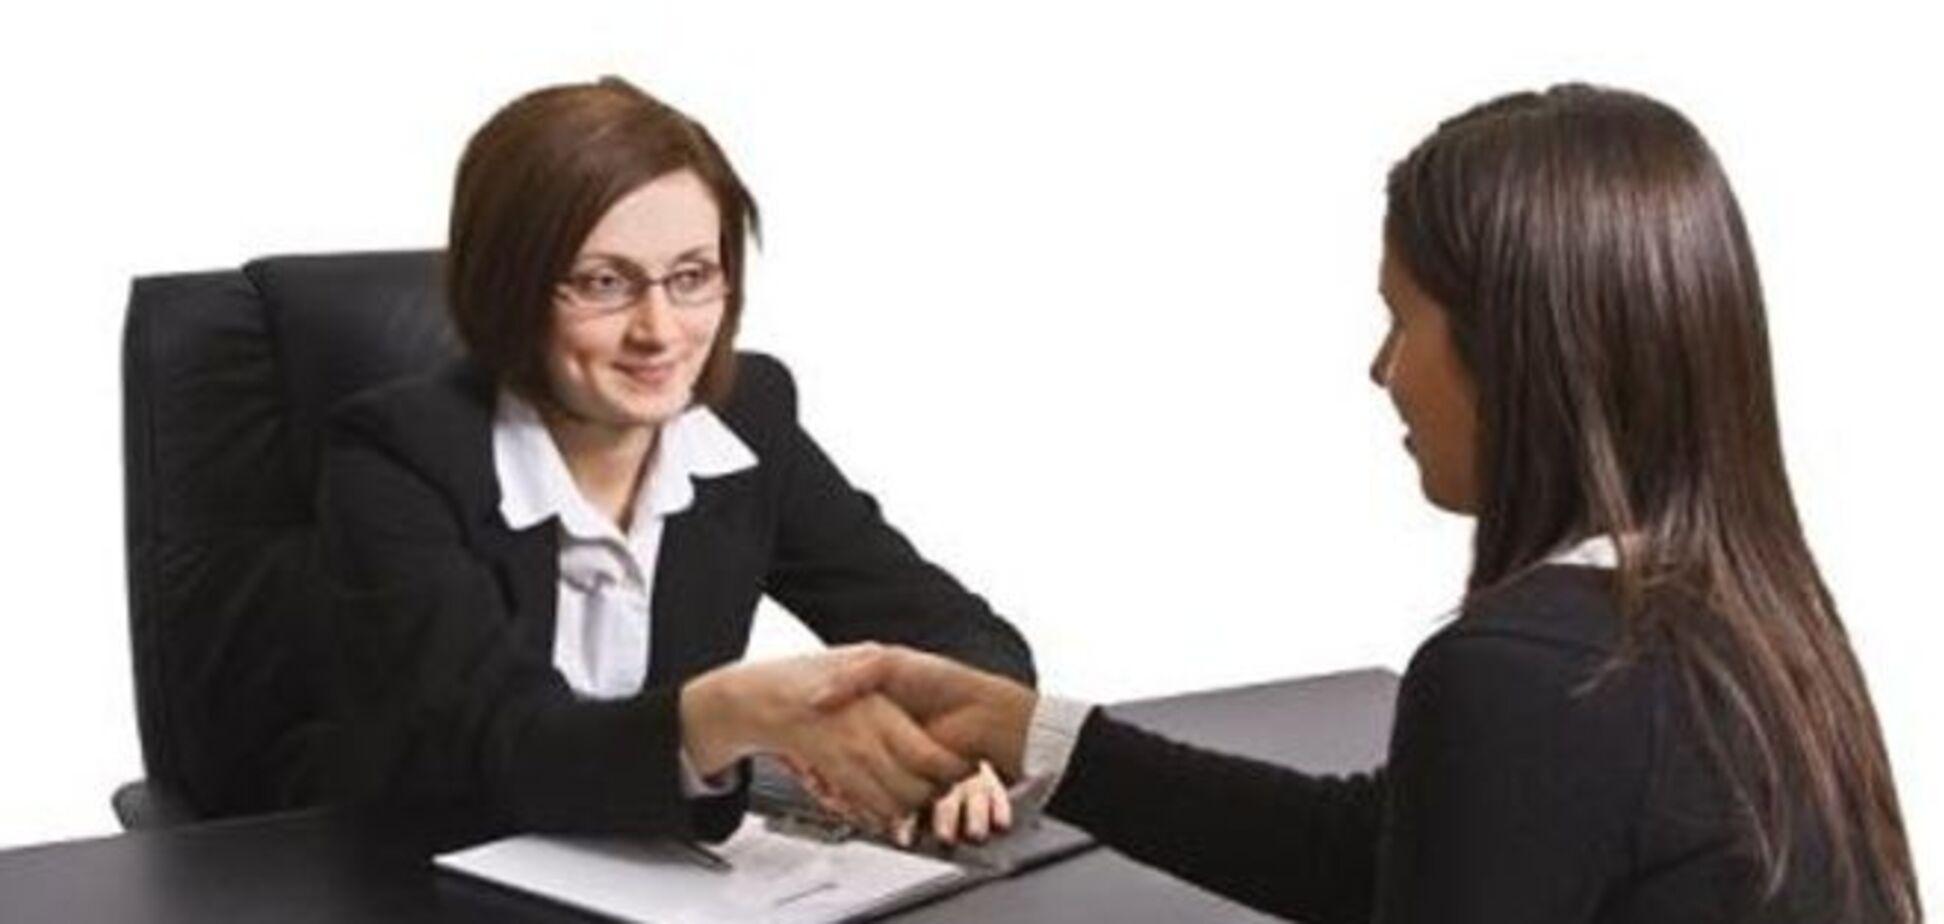 Что работодатель имеет право знать о психическом здоровье своих работников